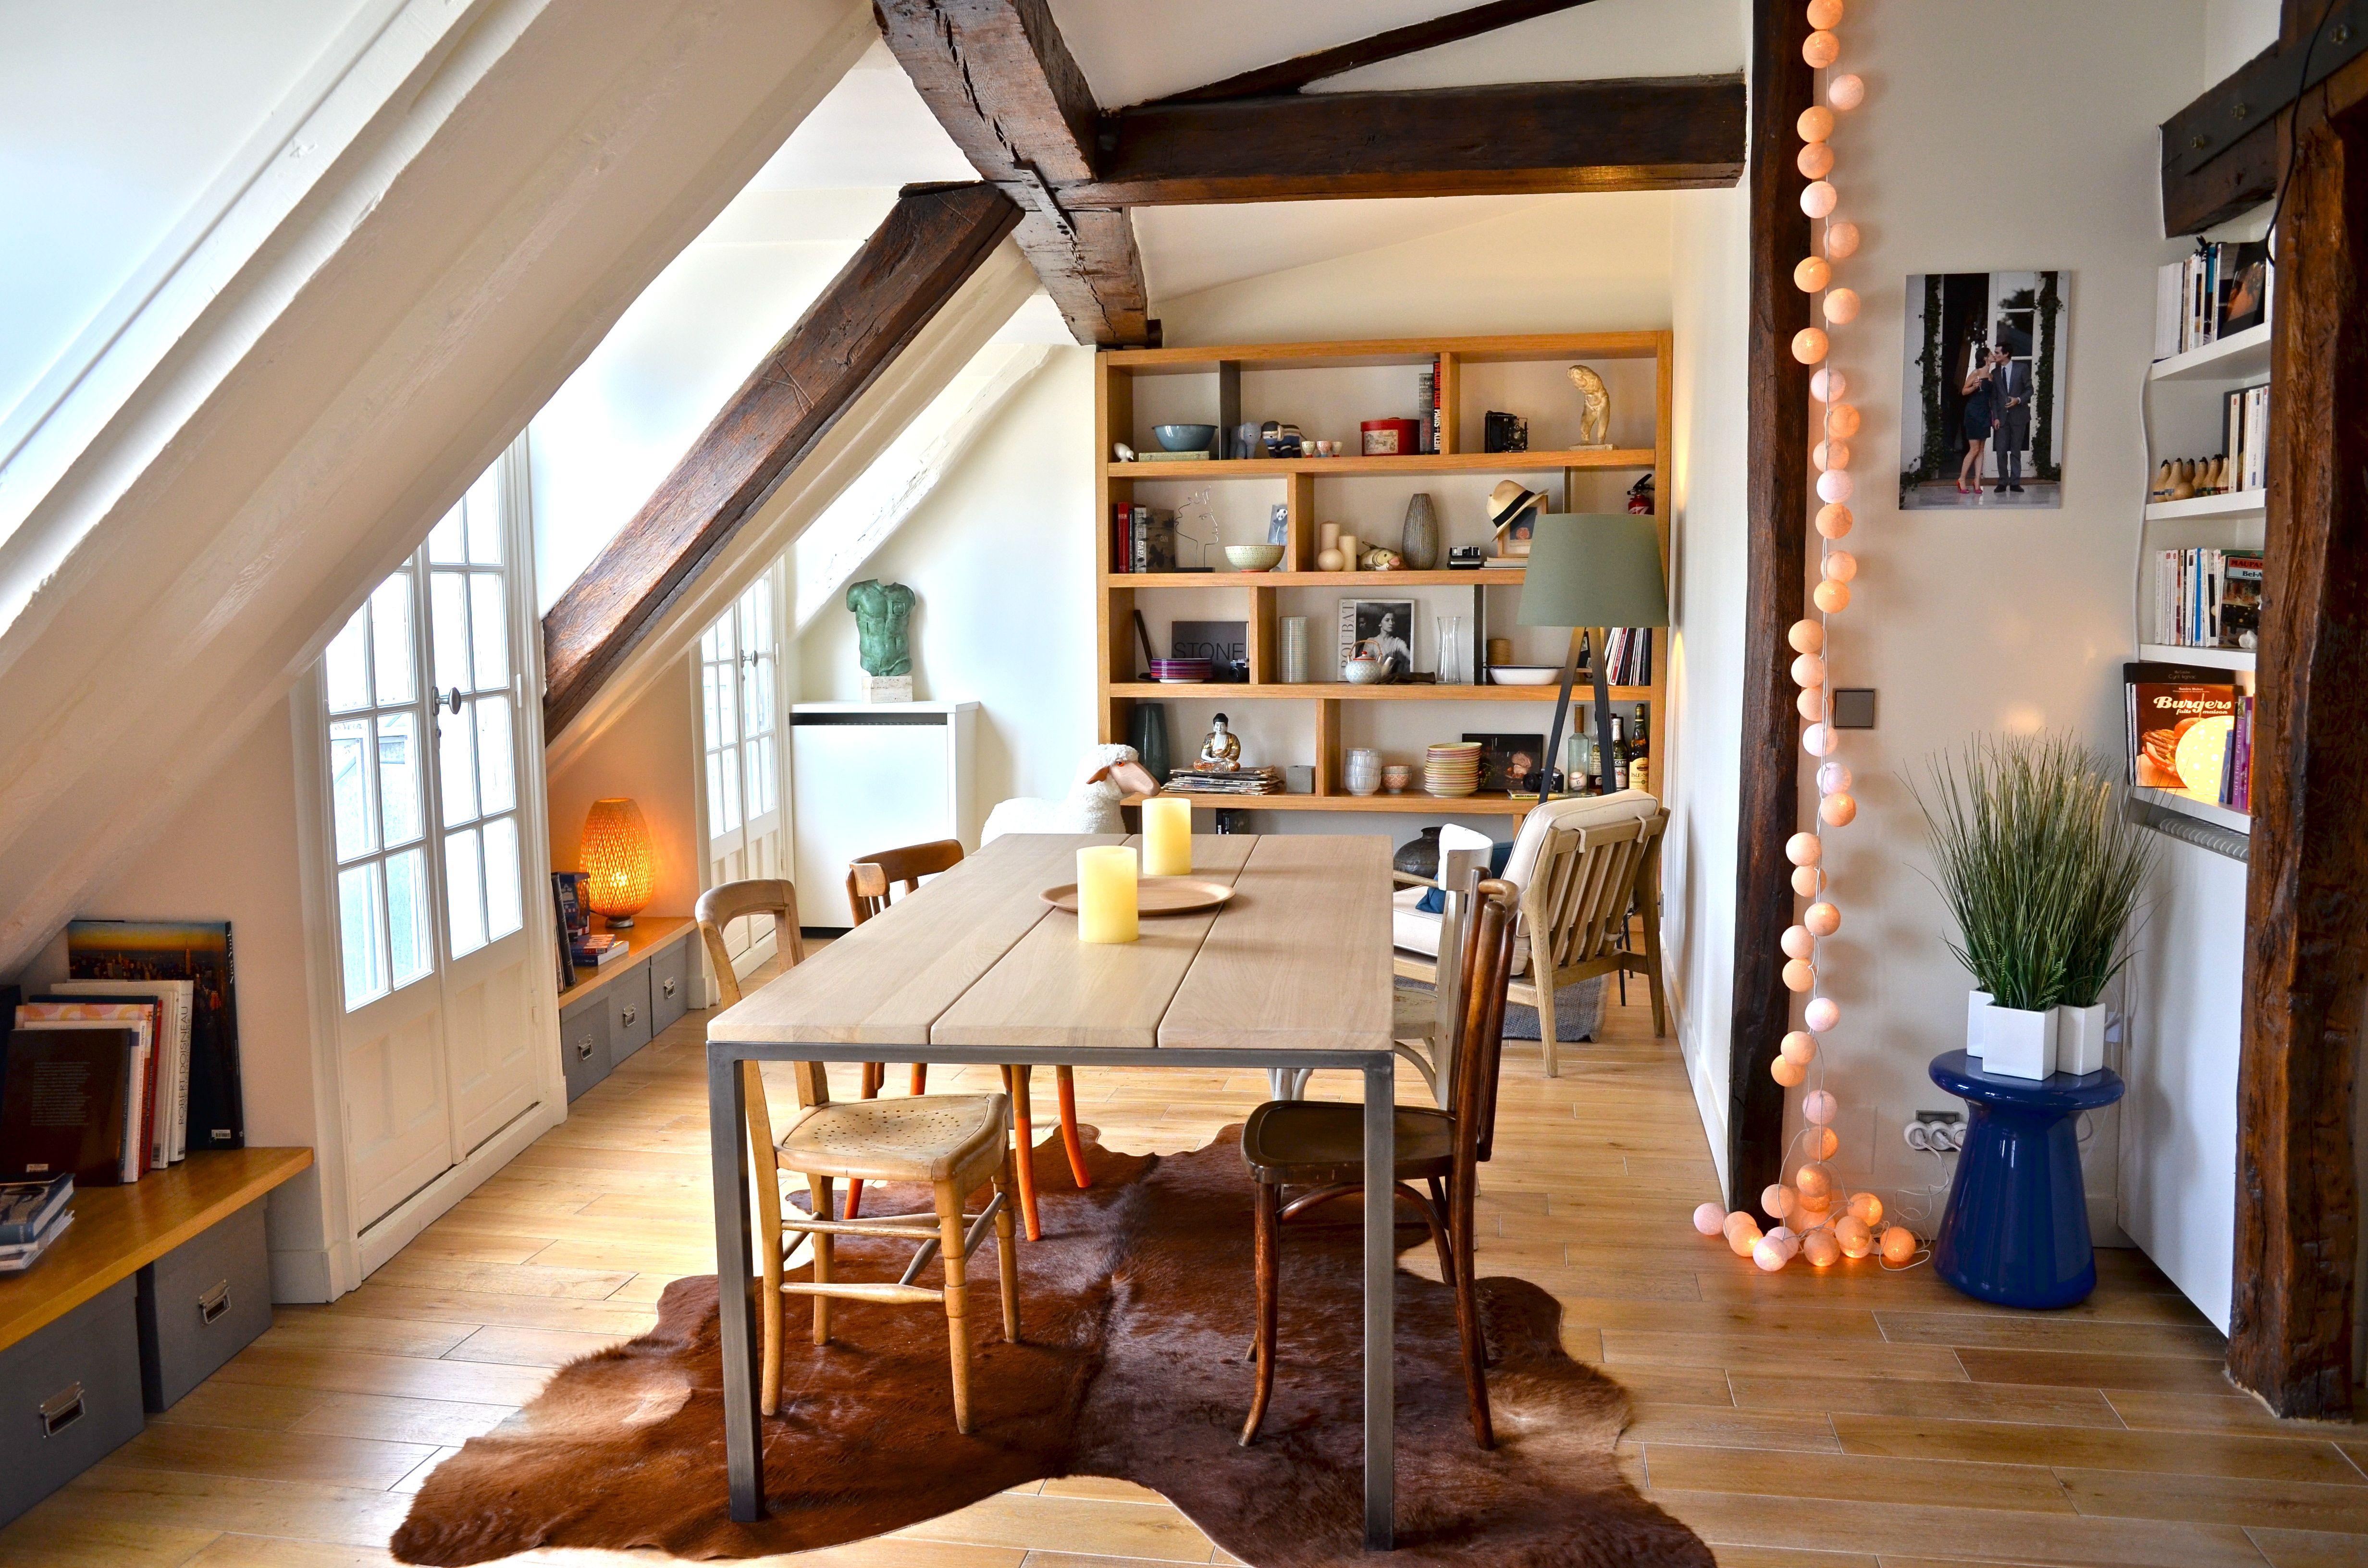 """Table aux chaises dépareillées guirlande lumineuse """"La case de"""